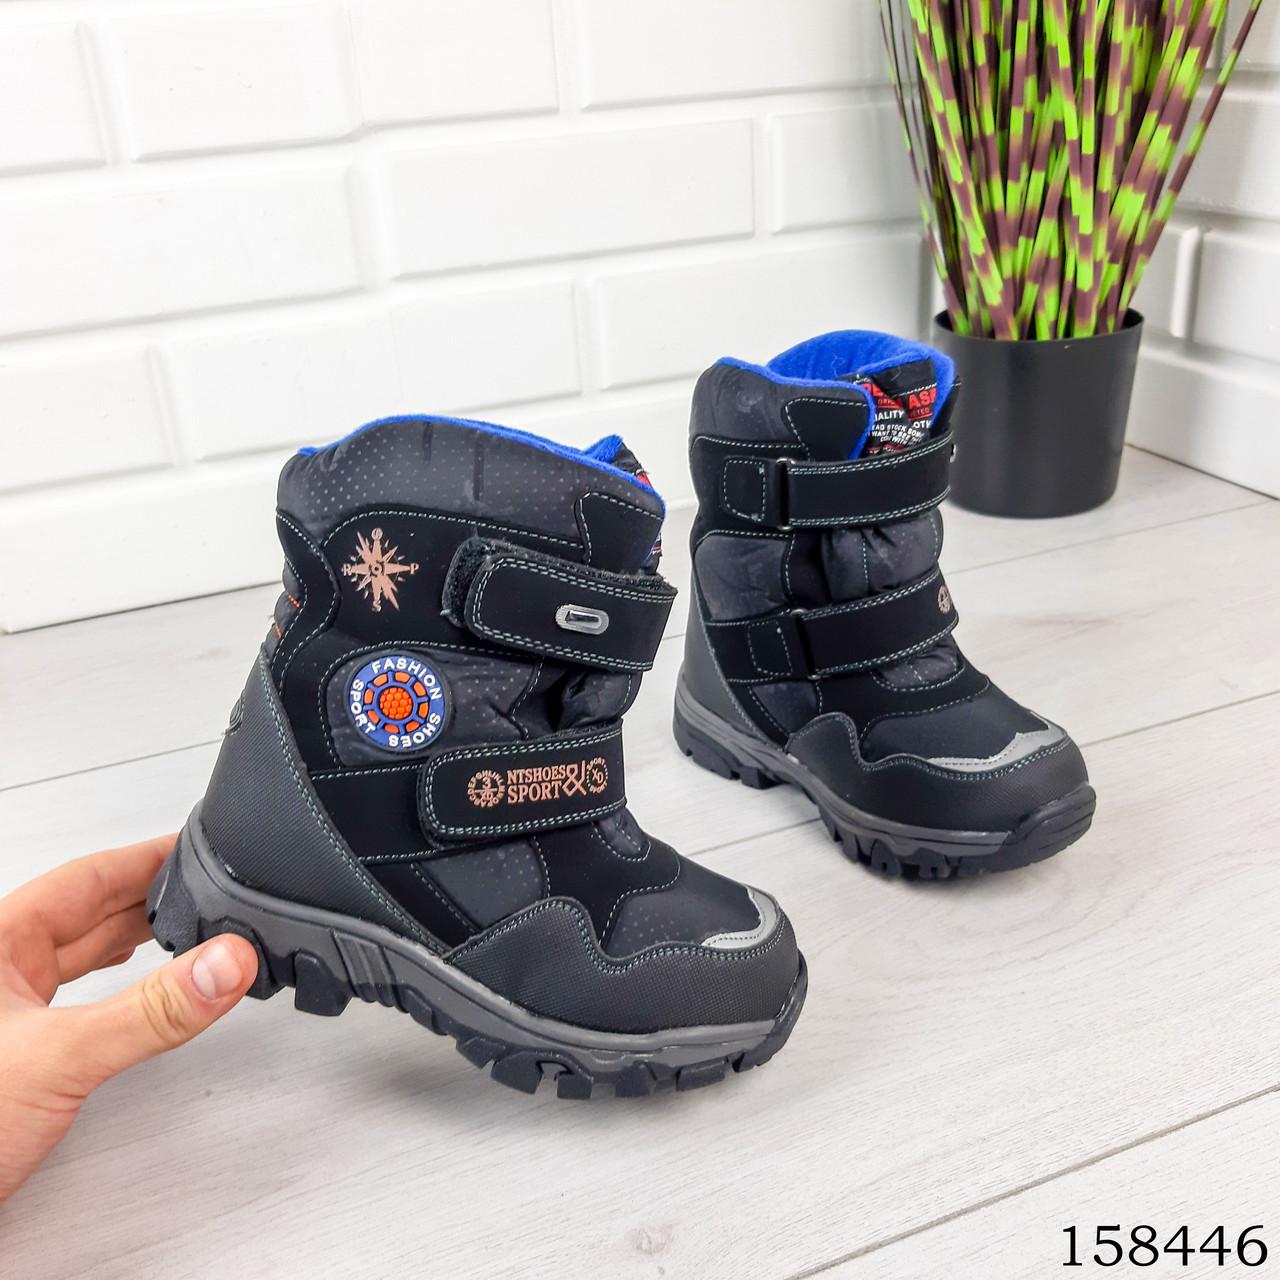 Дитячі, підліткові зимові черевики на липучках, чорного кольору з еко шкіри, всередині теплий еко хутро.